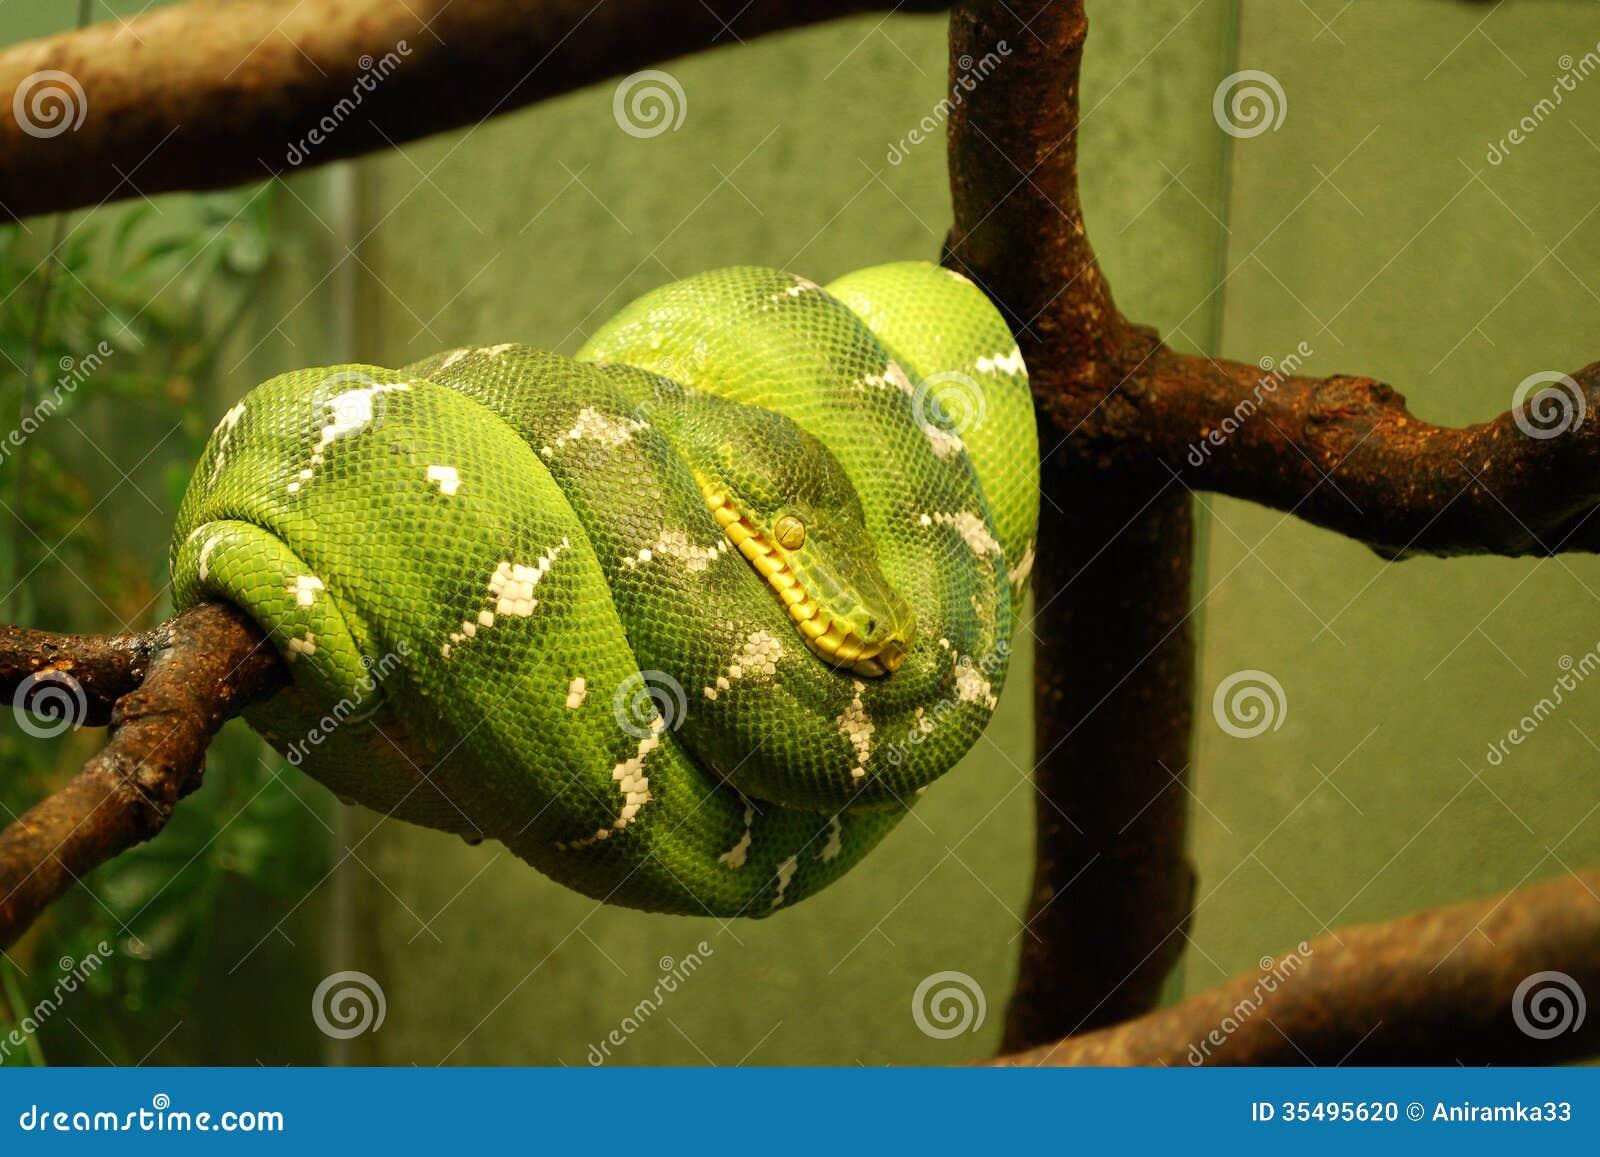 Python parse date in Australia